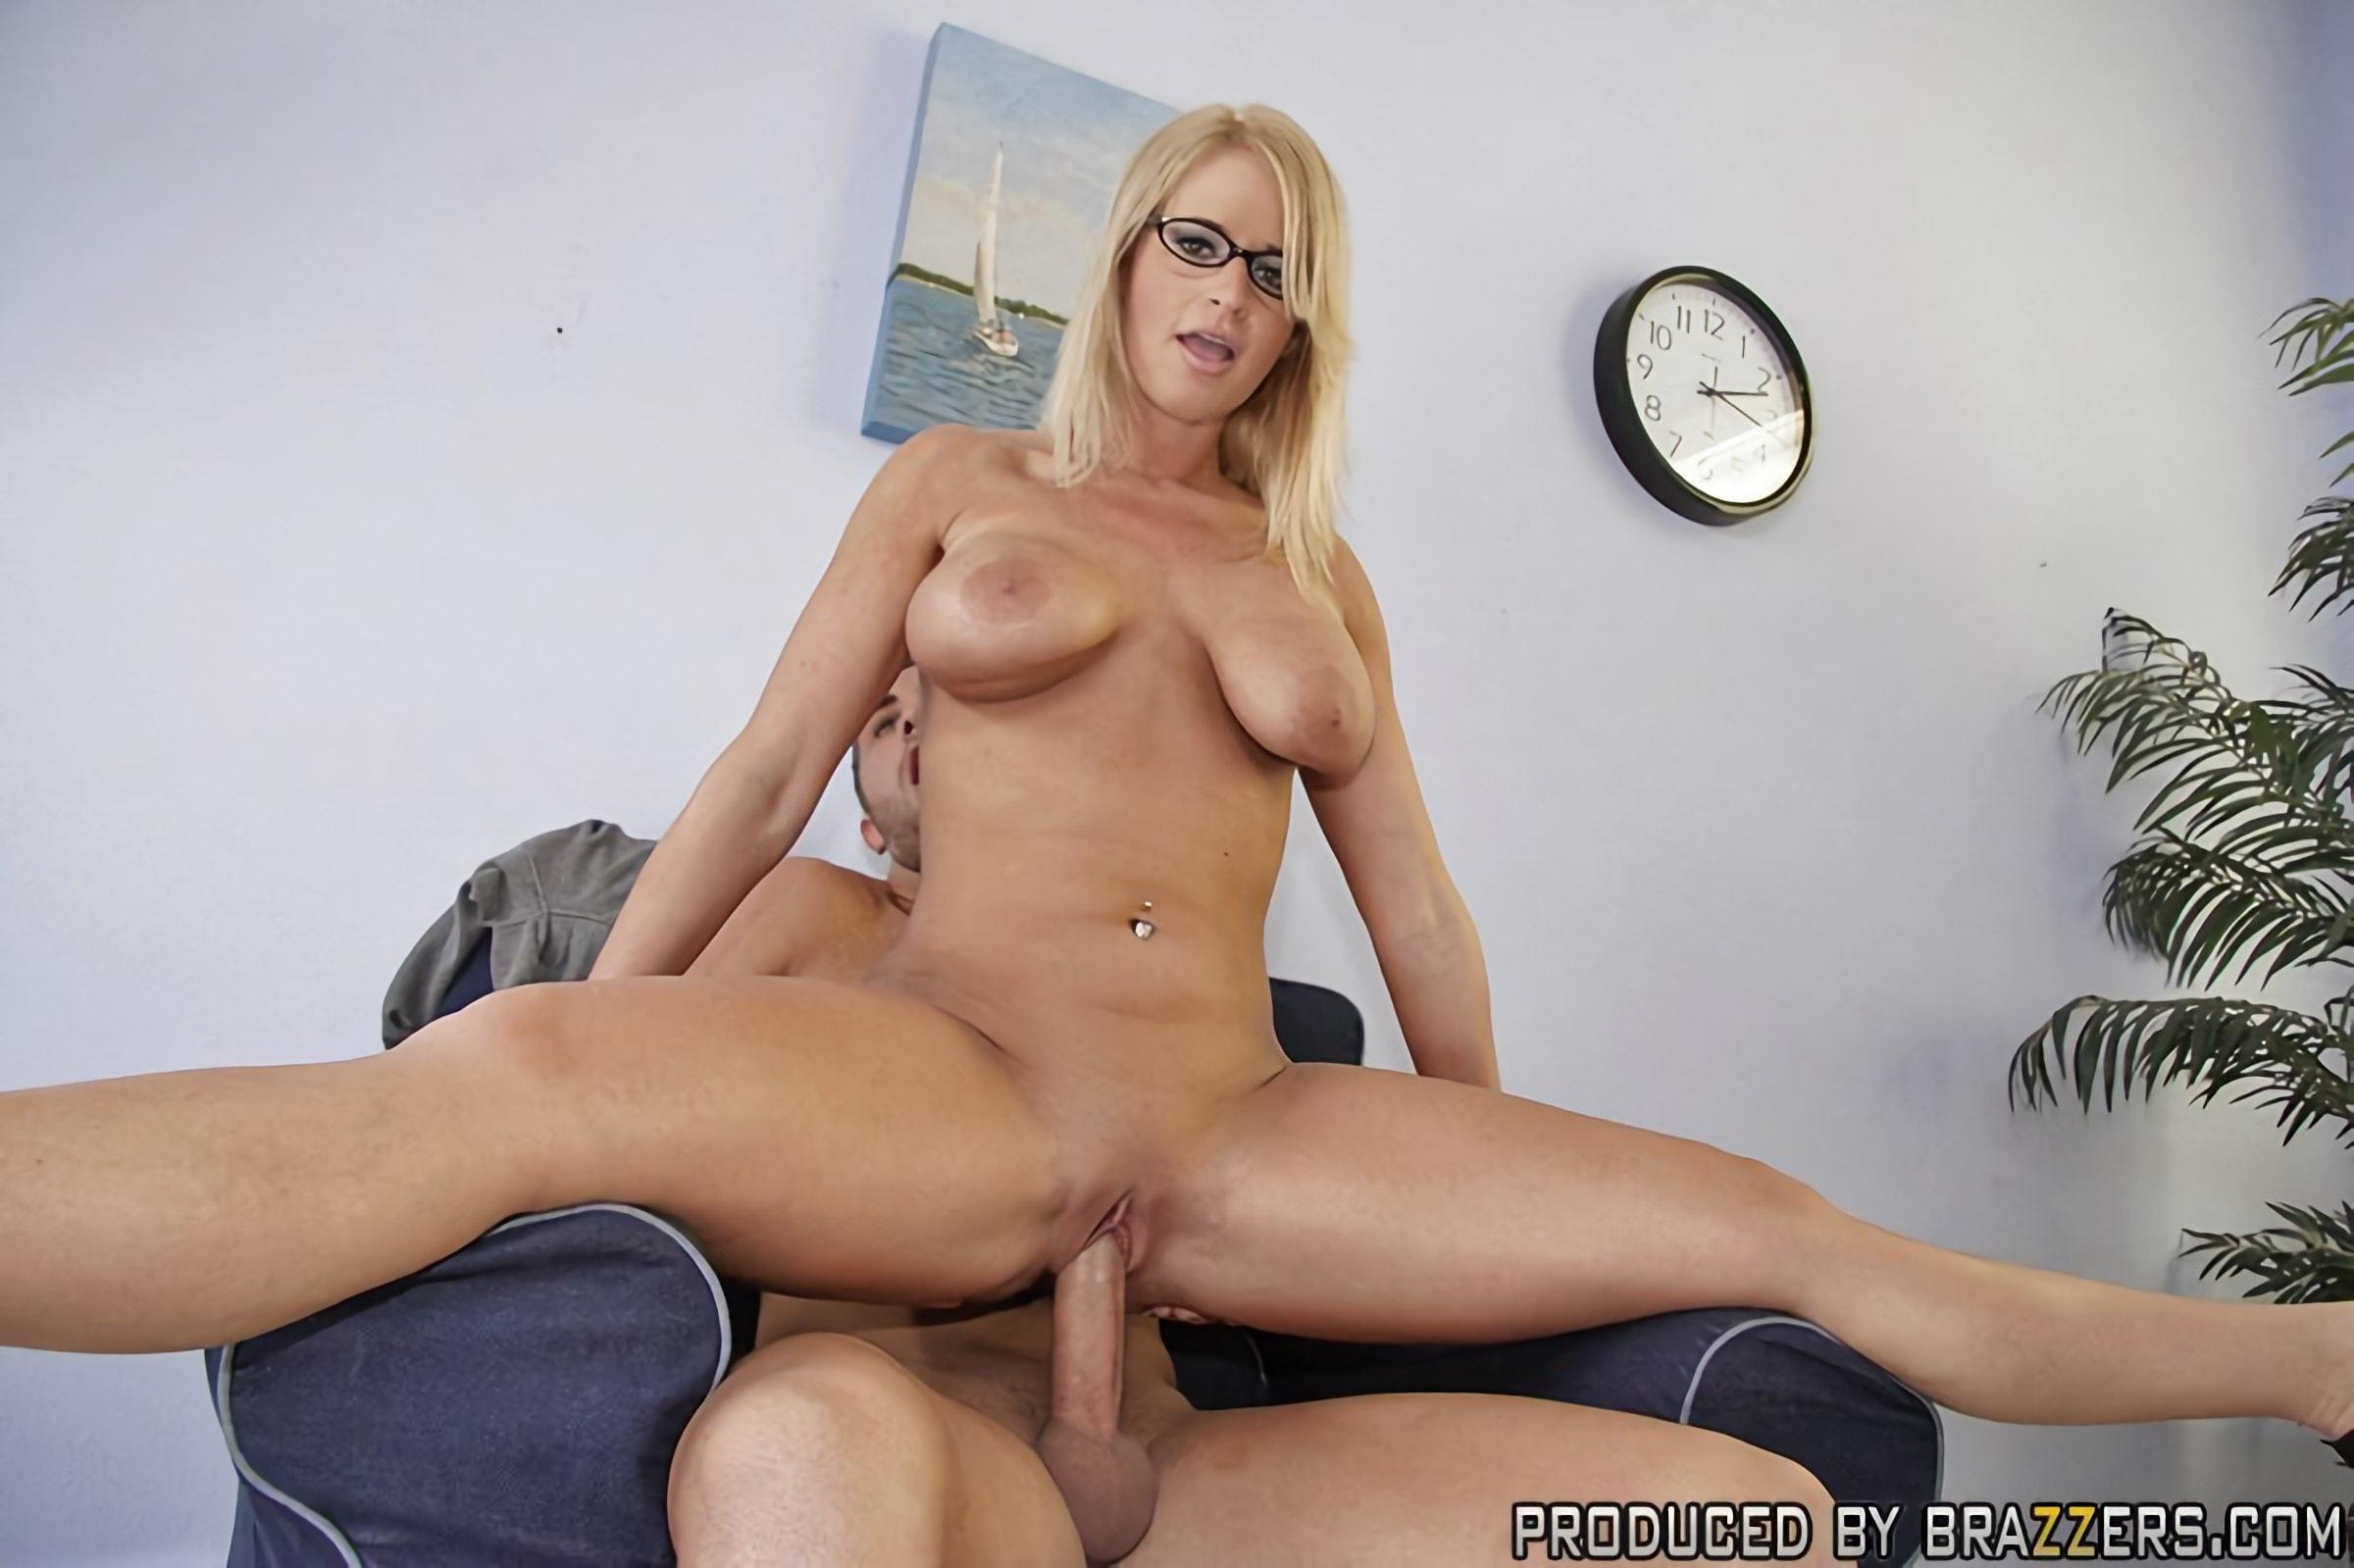 матери сына один будний день из жизни порно модели мэдисон джеймс порно является загадочным